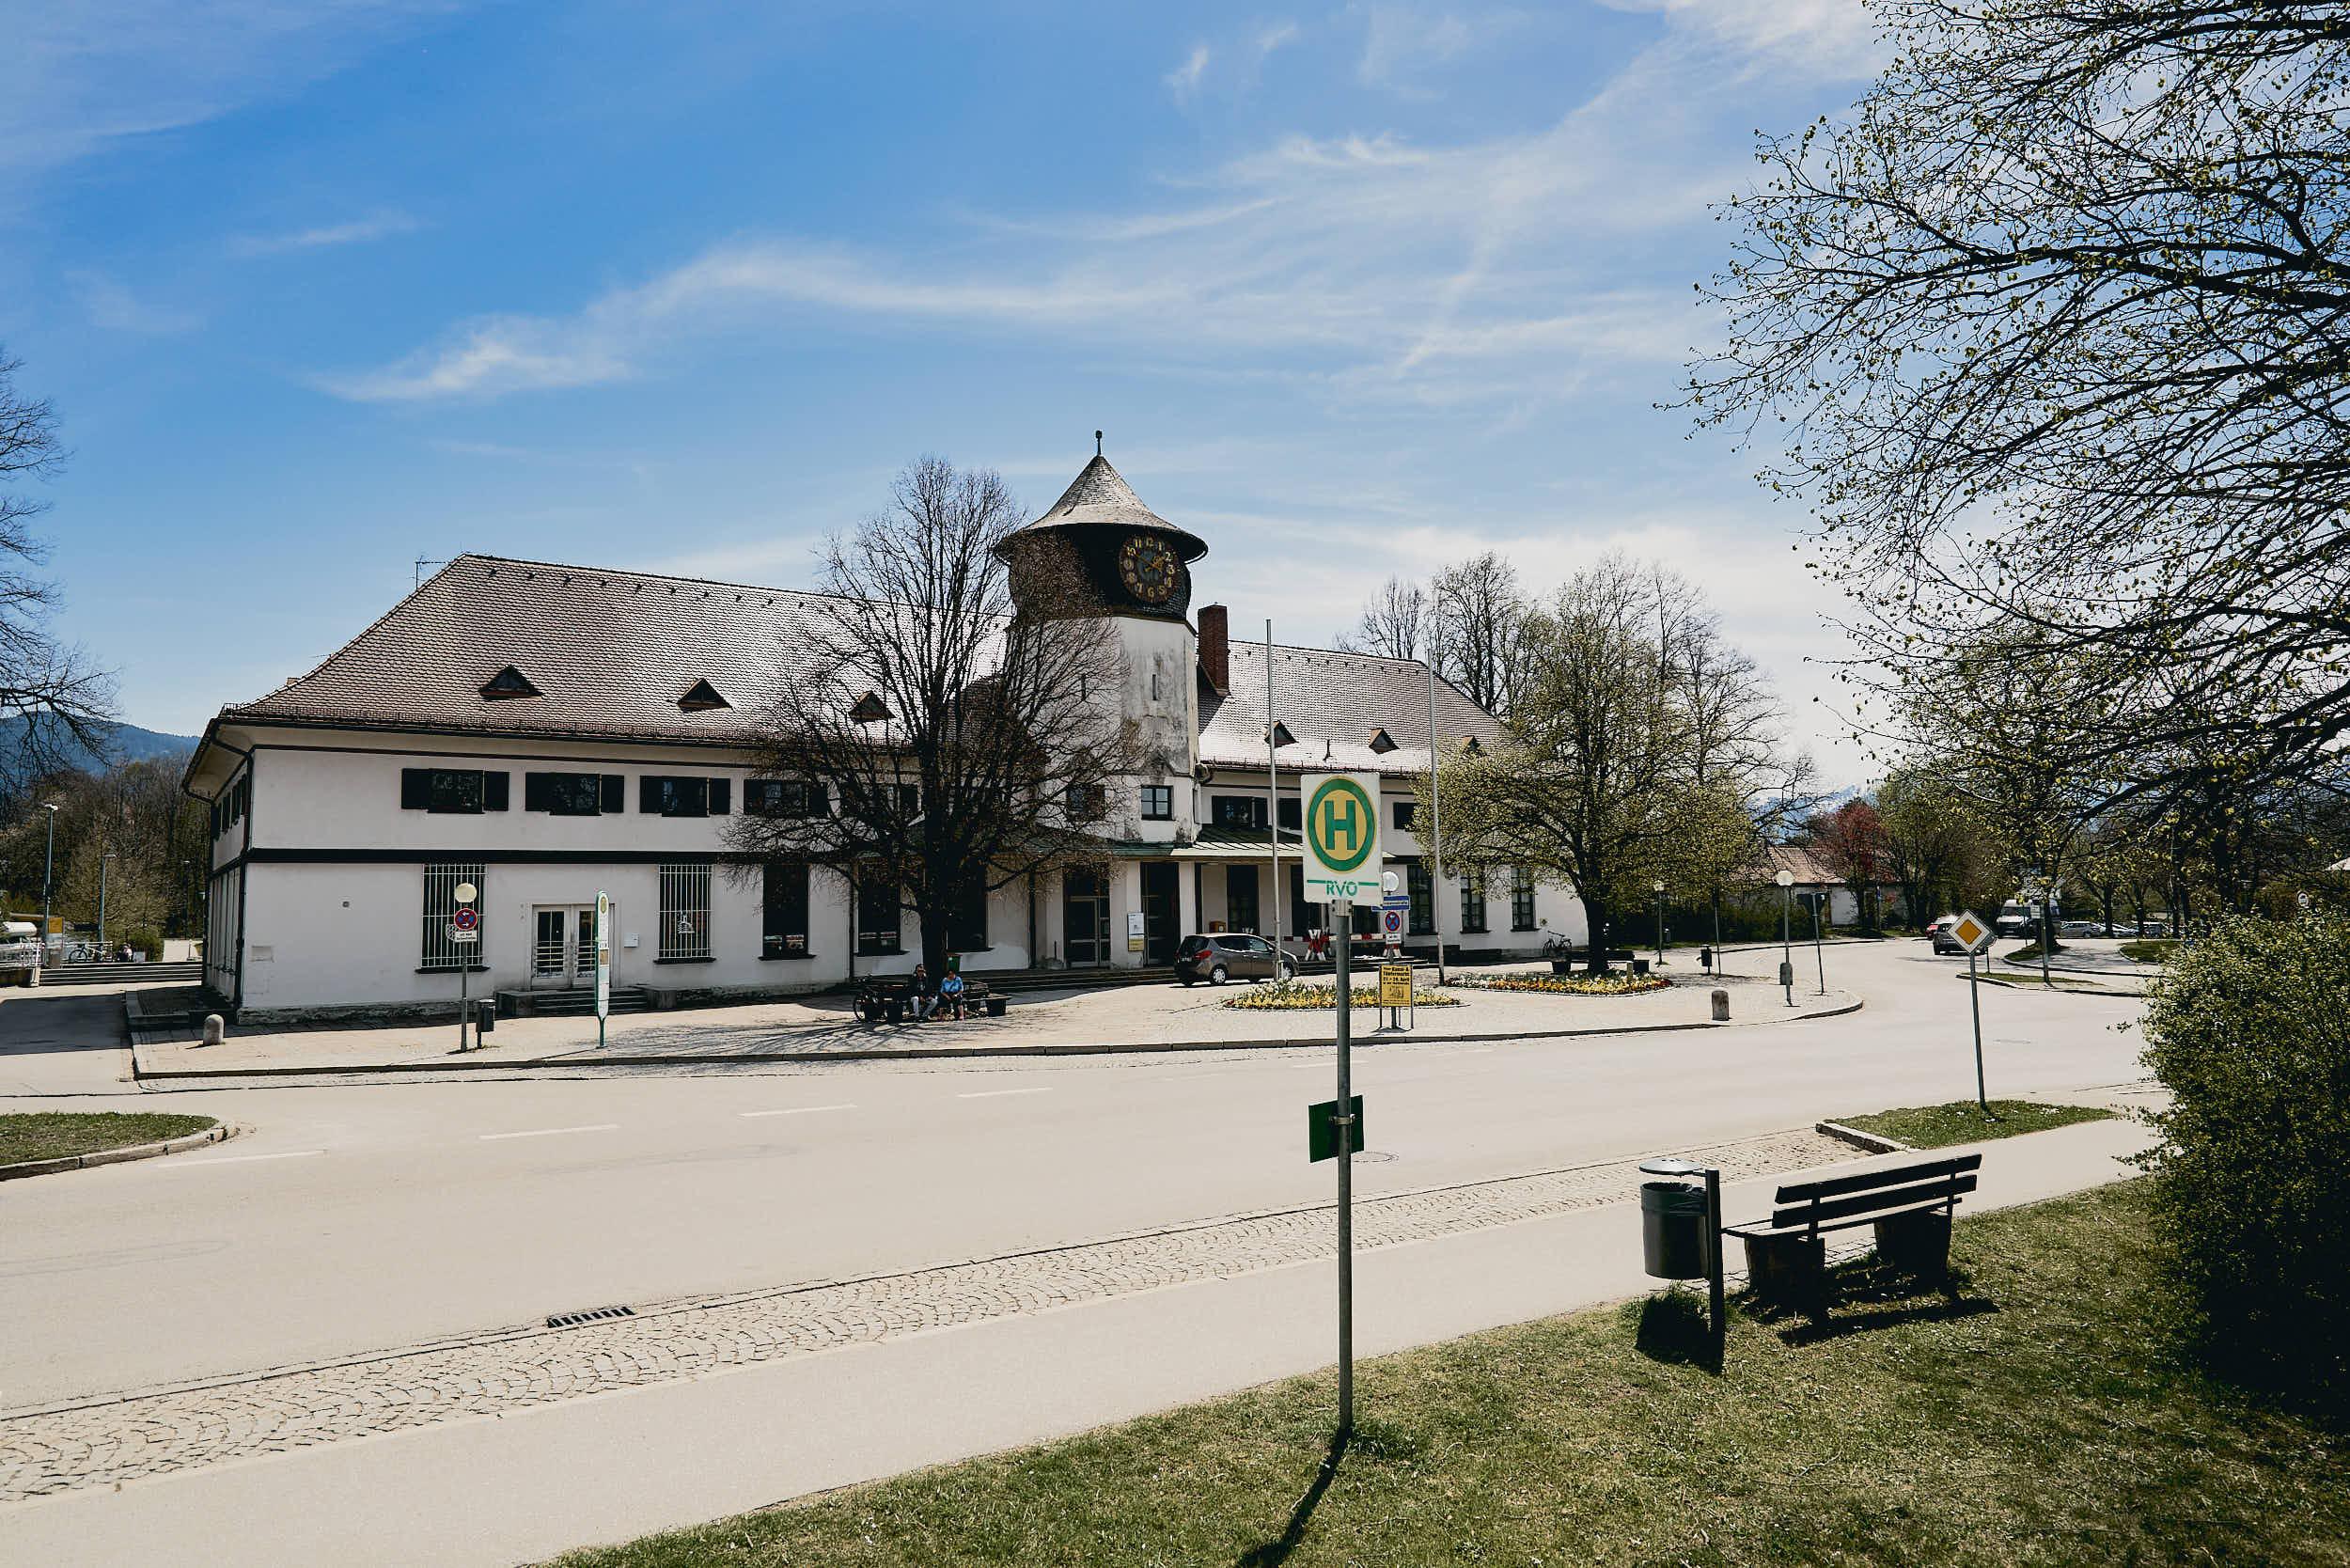 Der Tölzer Bahnhof hat schon bessere Zeiten gesehen.